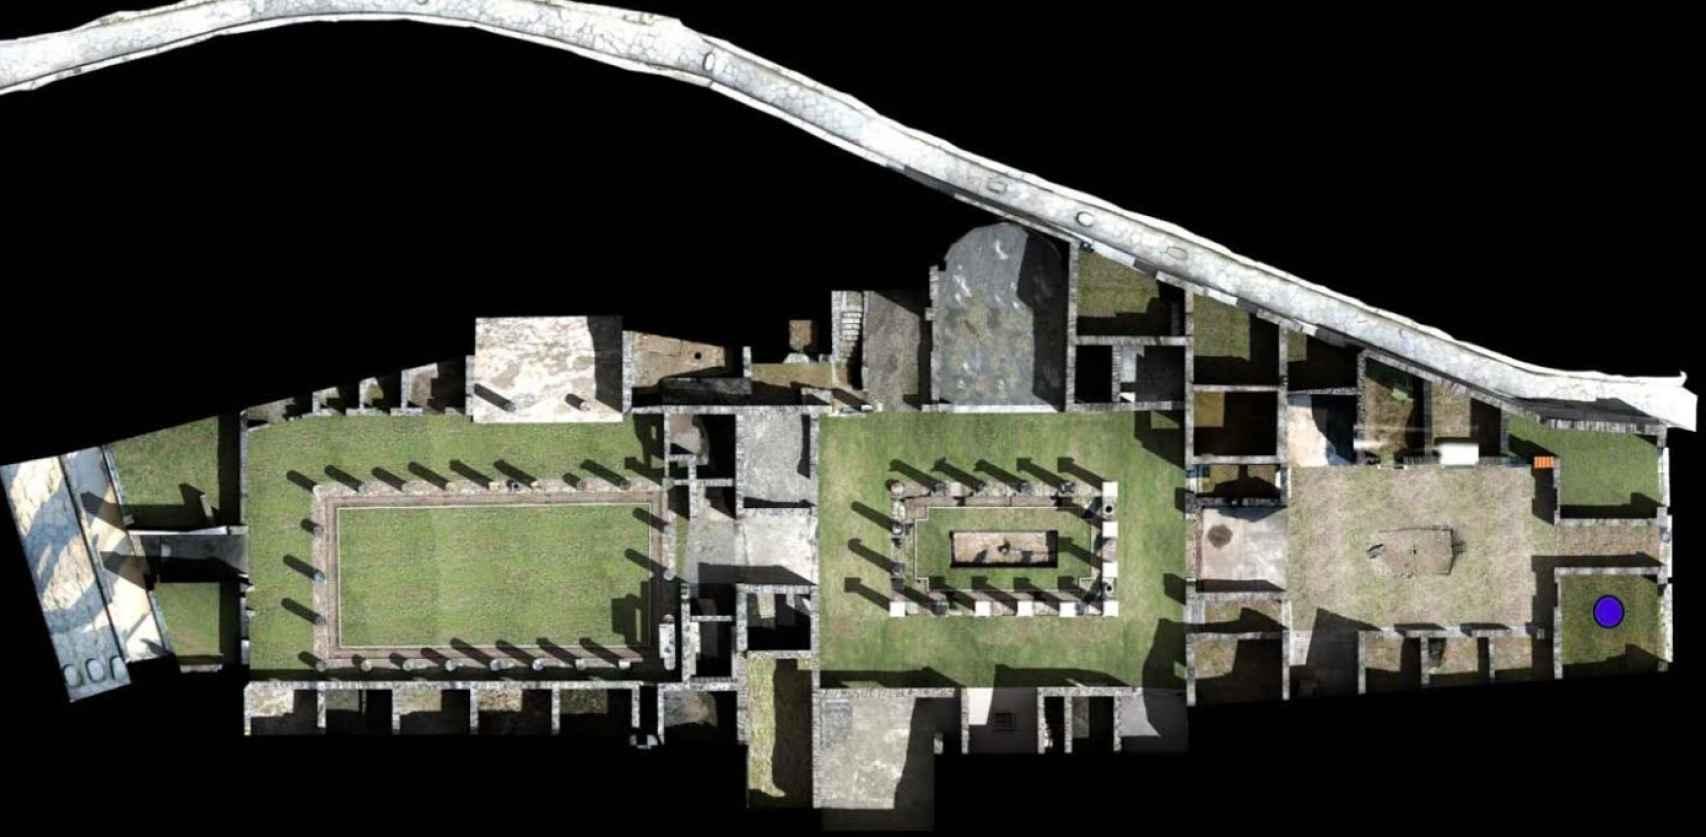 Vista cenital de la Casa de Ariadna. El punto azul es la ubicación de la perfumería.